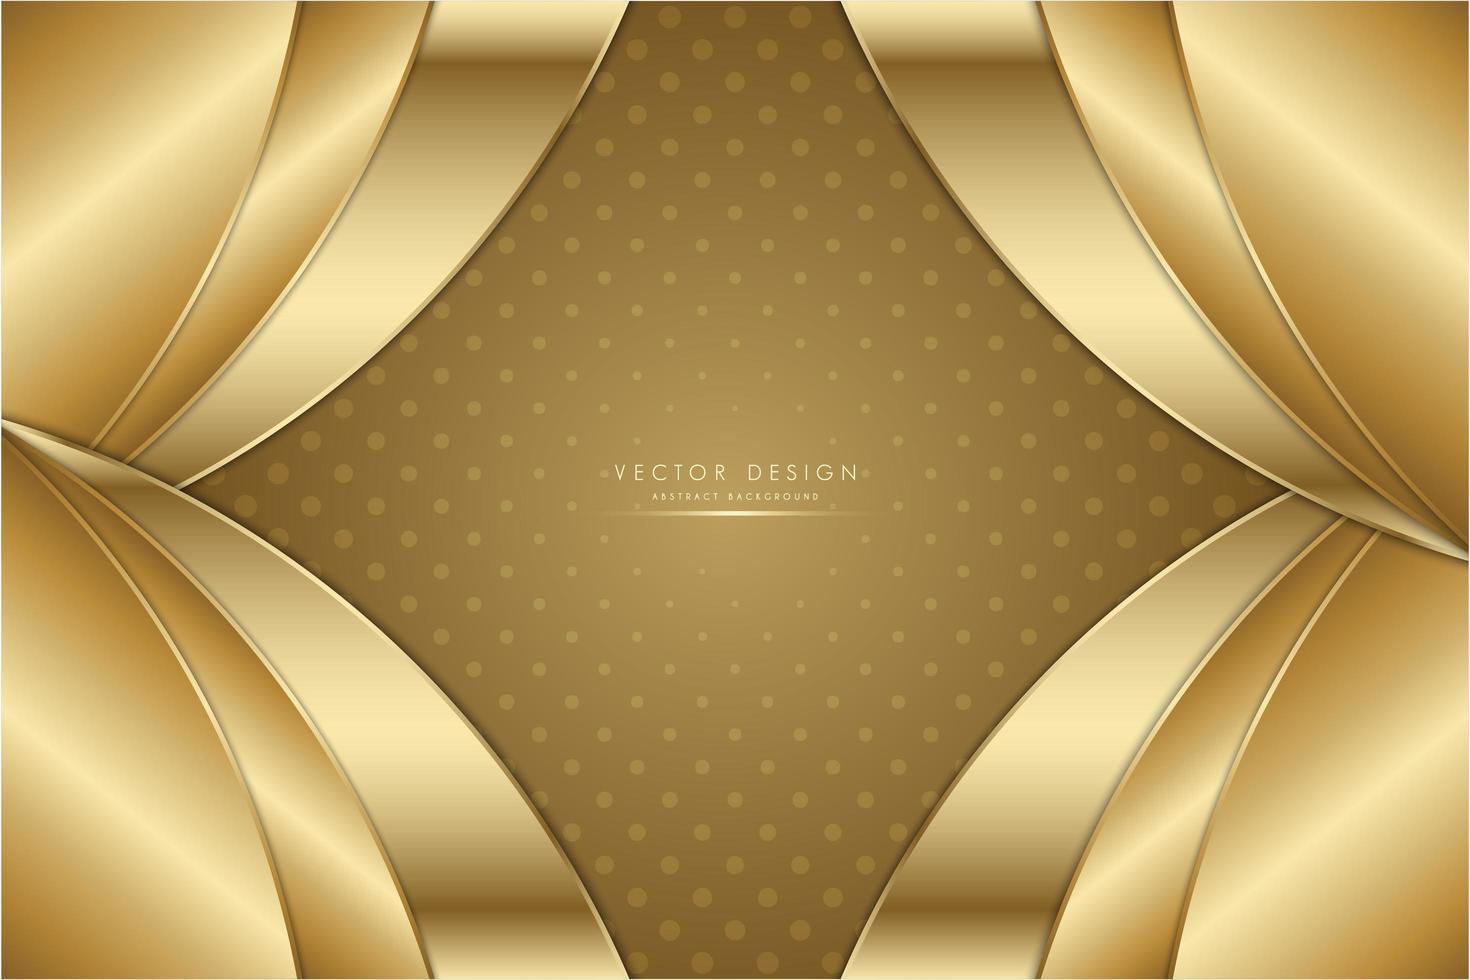 goud metallic gebogen gelaagde panelen achtergrond. vector